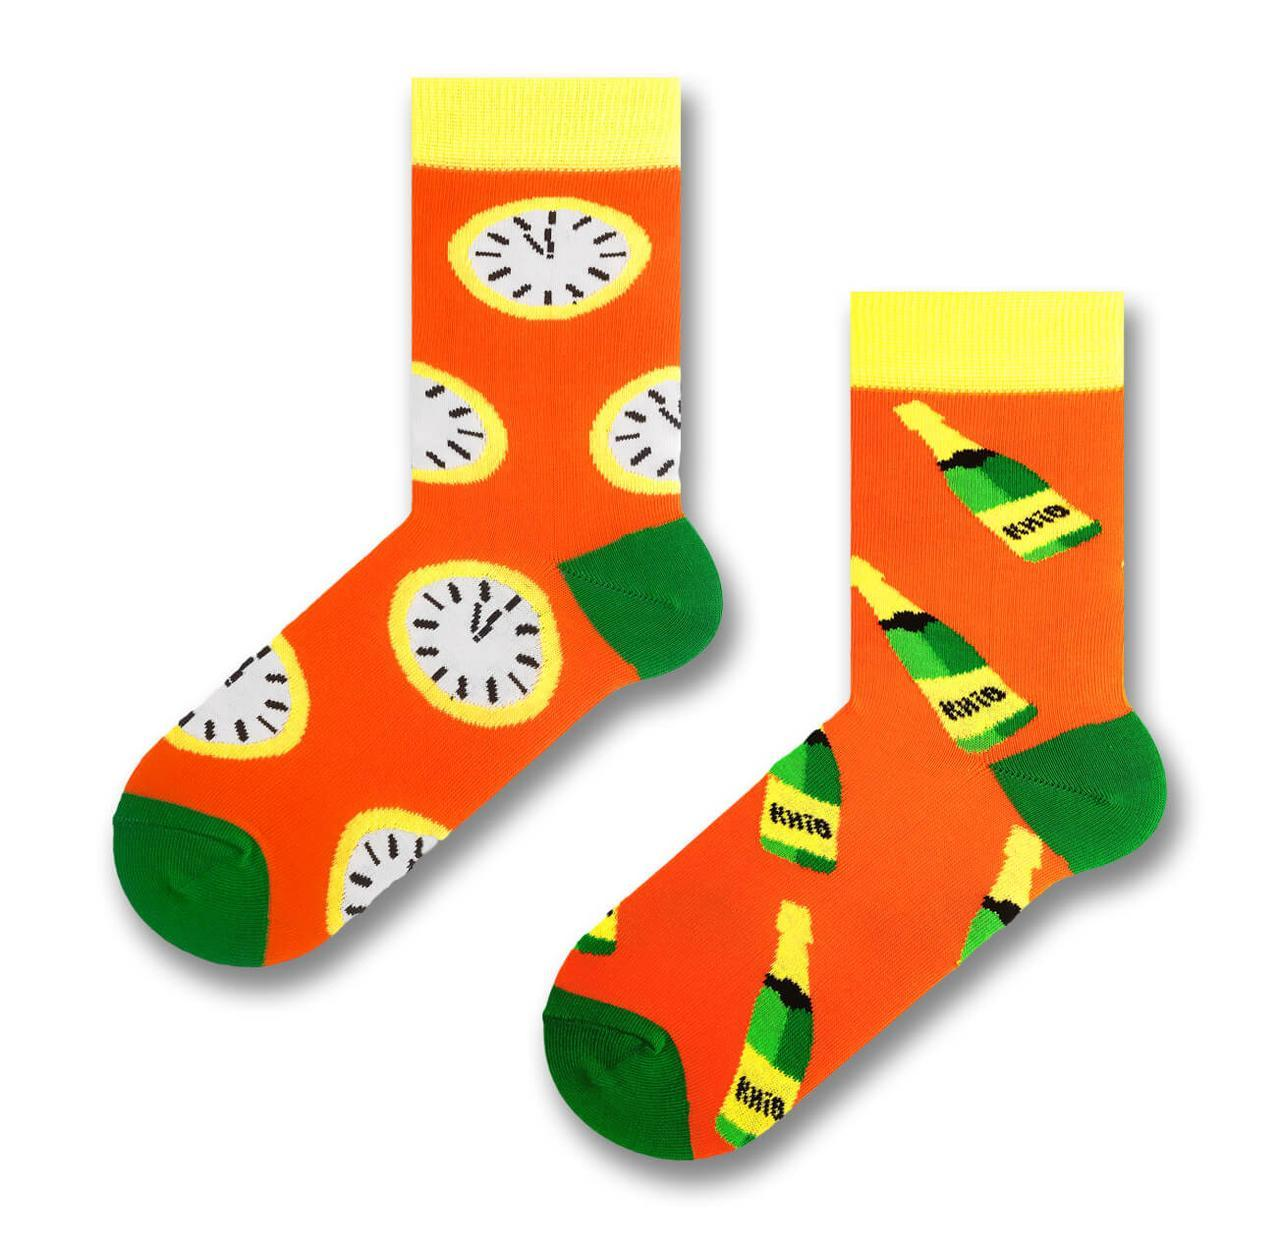 """Разнопарные носки в новогоднем стиле """"Shampusik"""""""